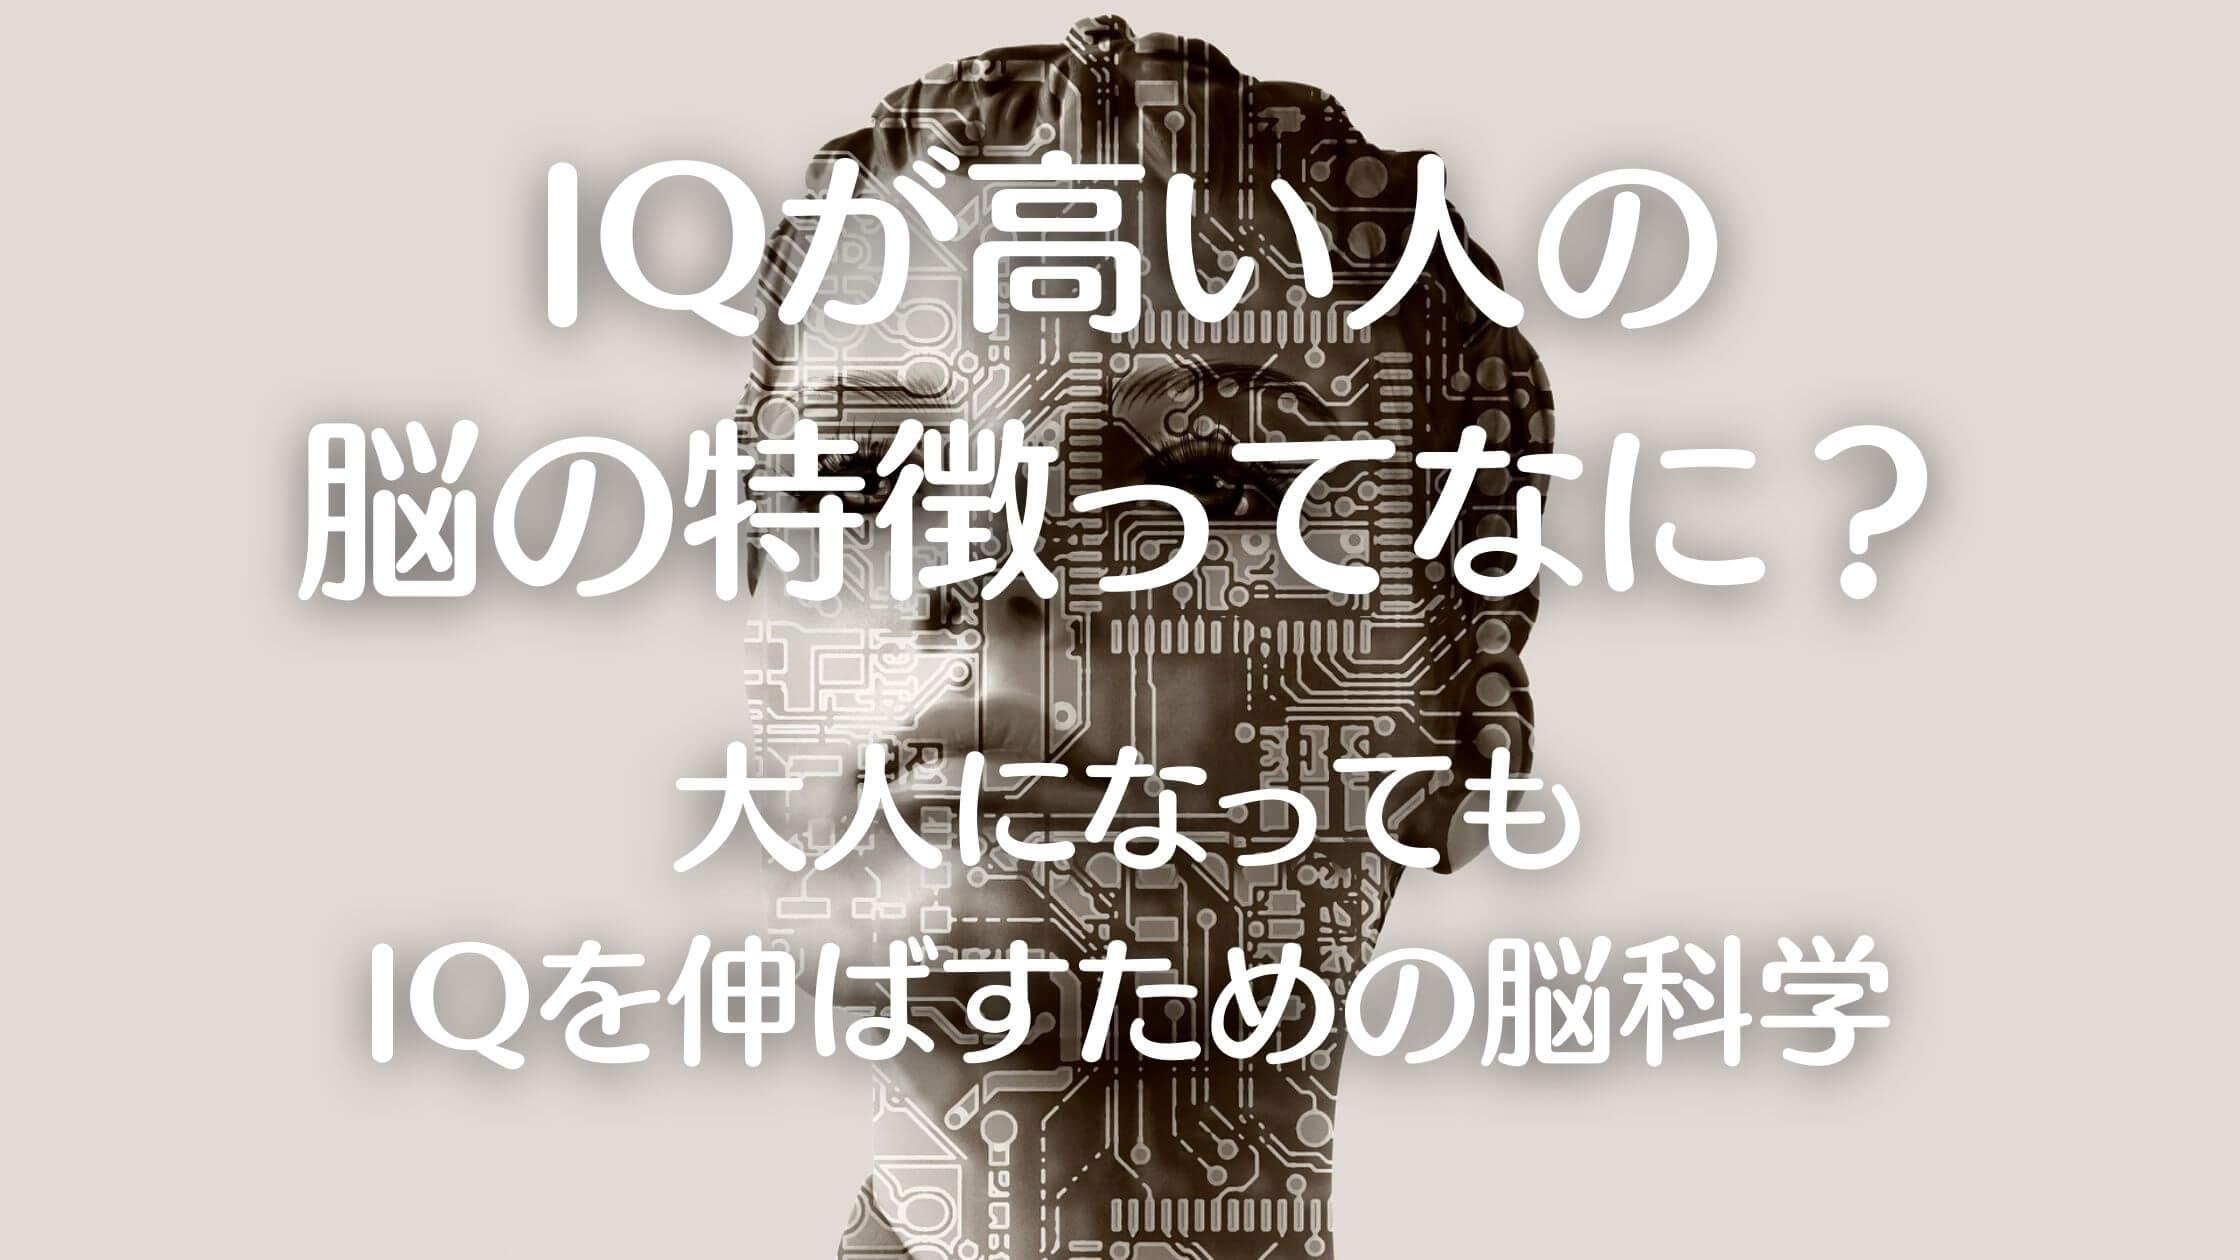 IQ-A2